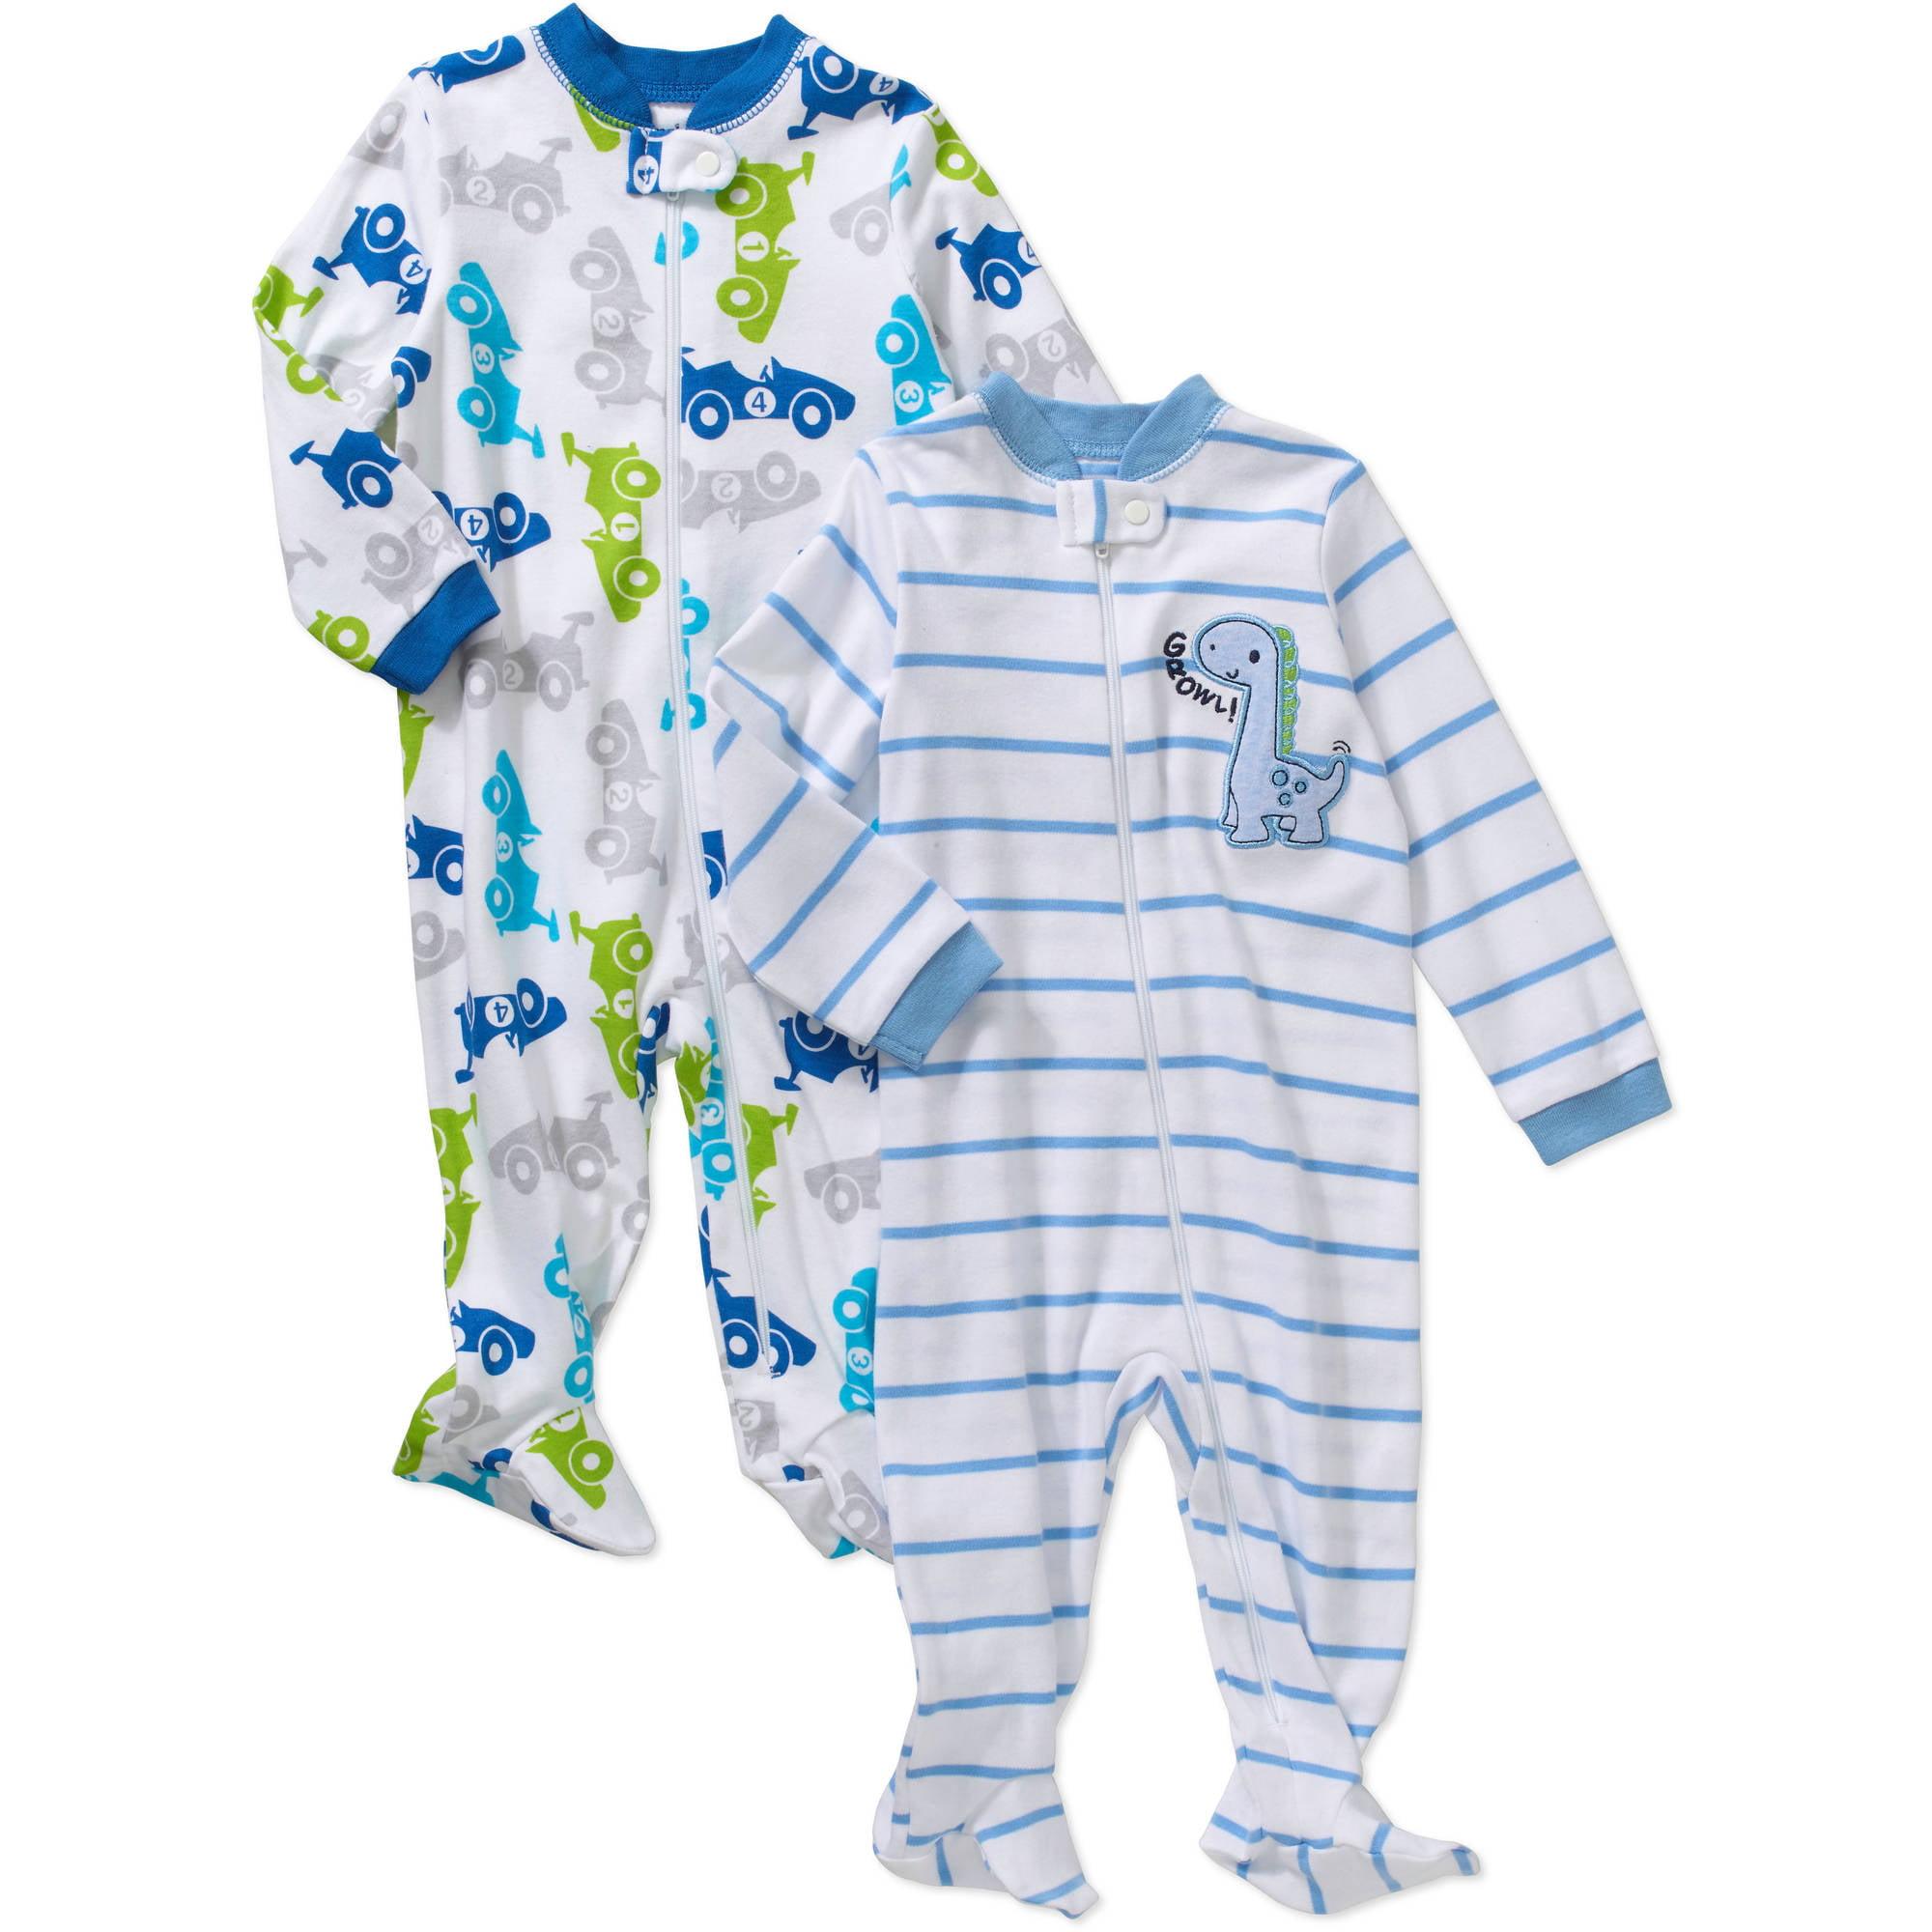 Garanimals Newborn Baby Boy Cotton Sleep n' Play, 2-Pack